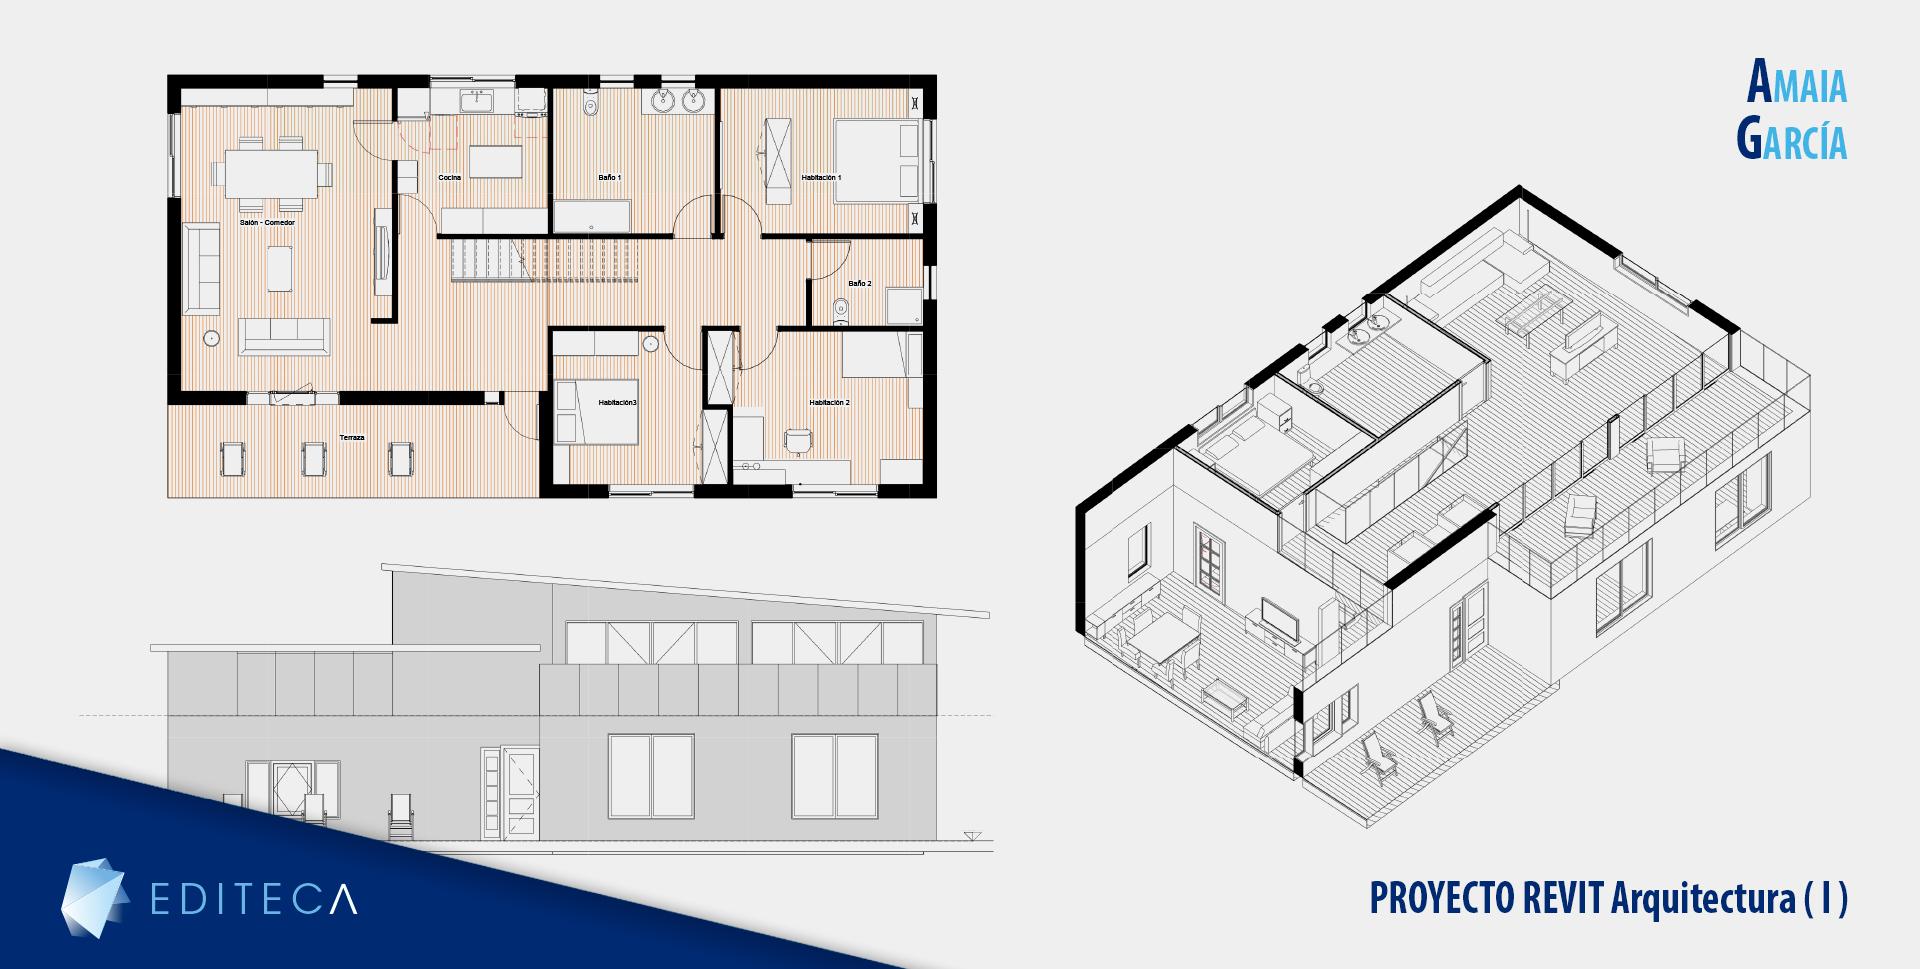 proyecto Curso de revit arquitectura básico - Amaia